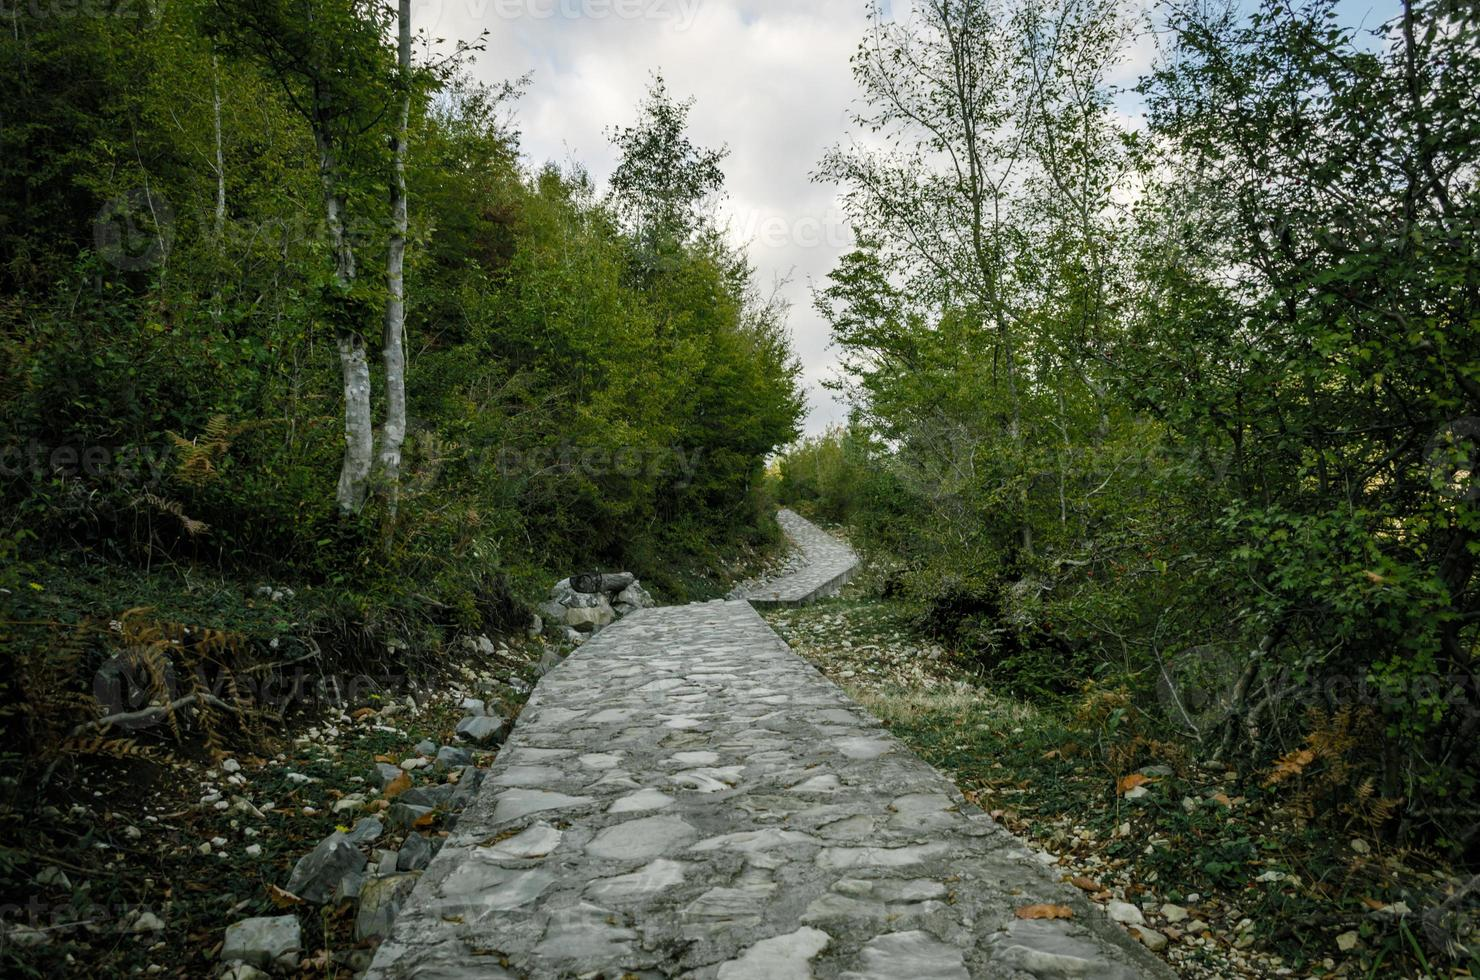 Stein Fußweg mit grünen Bäumen foto